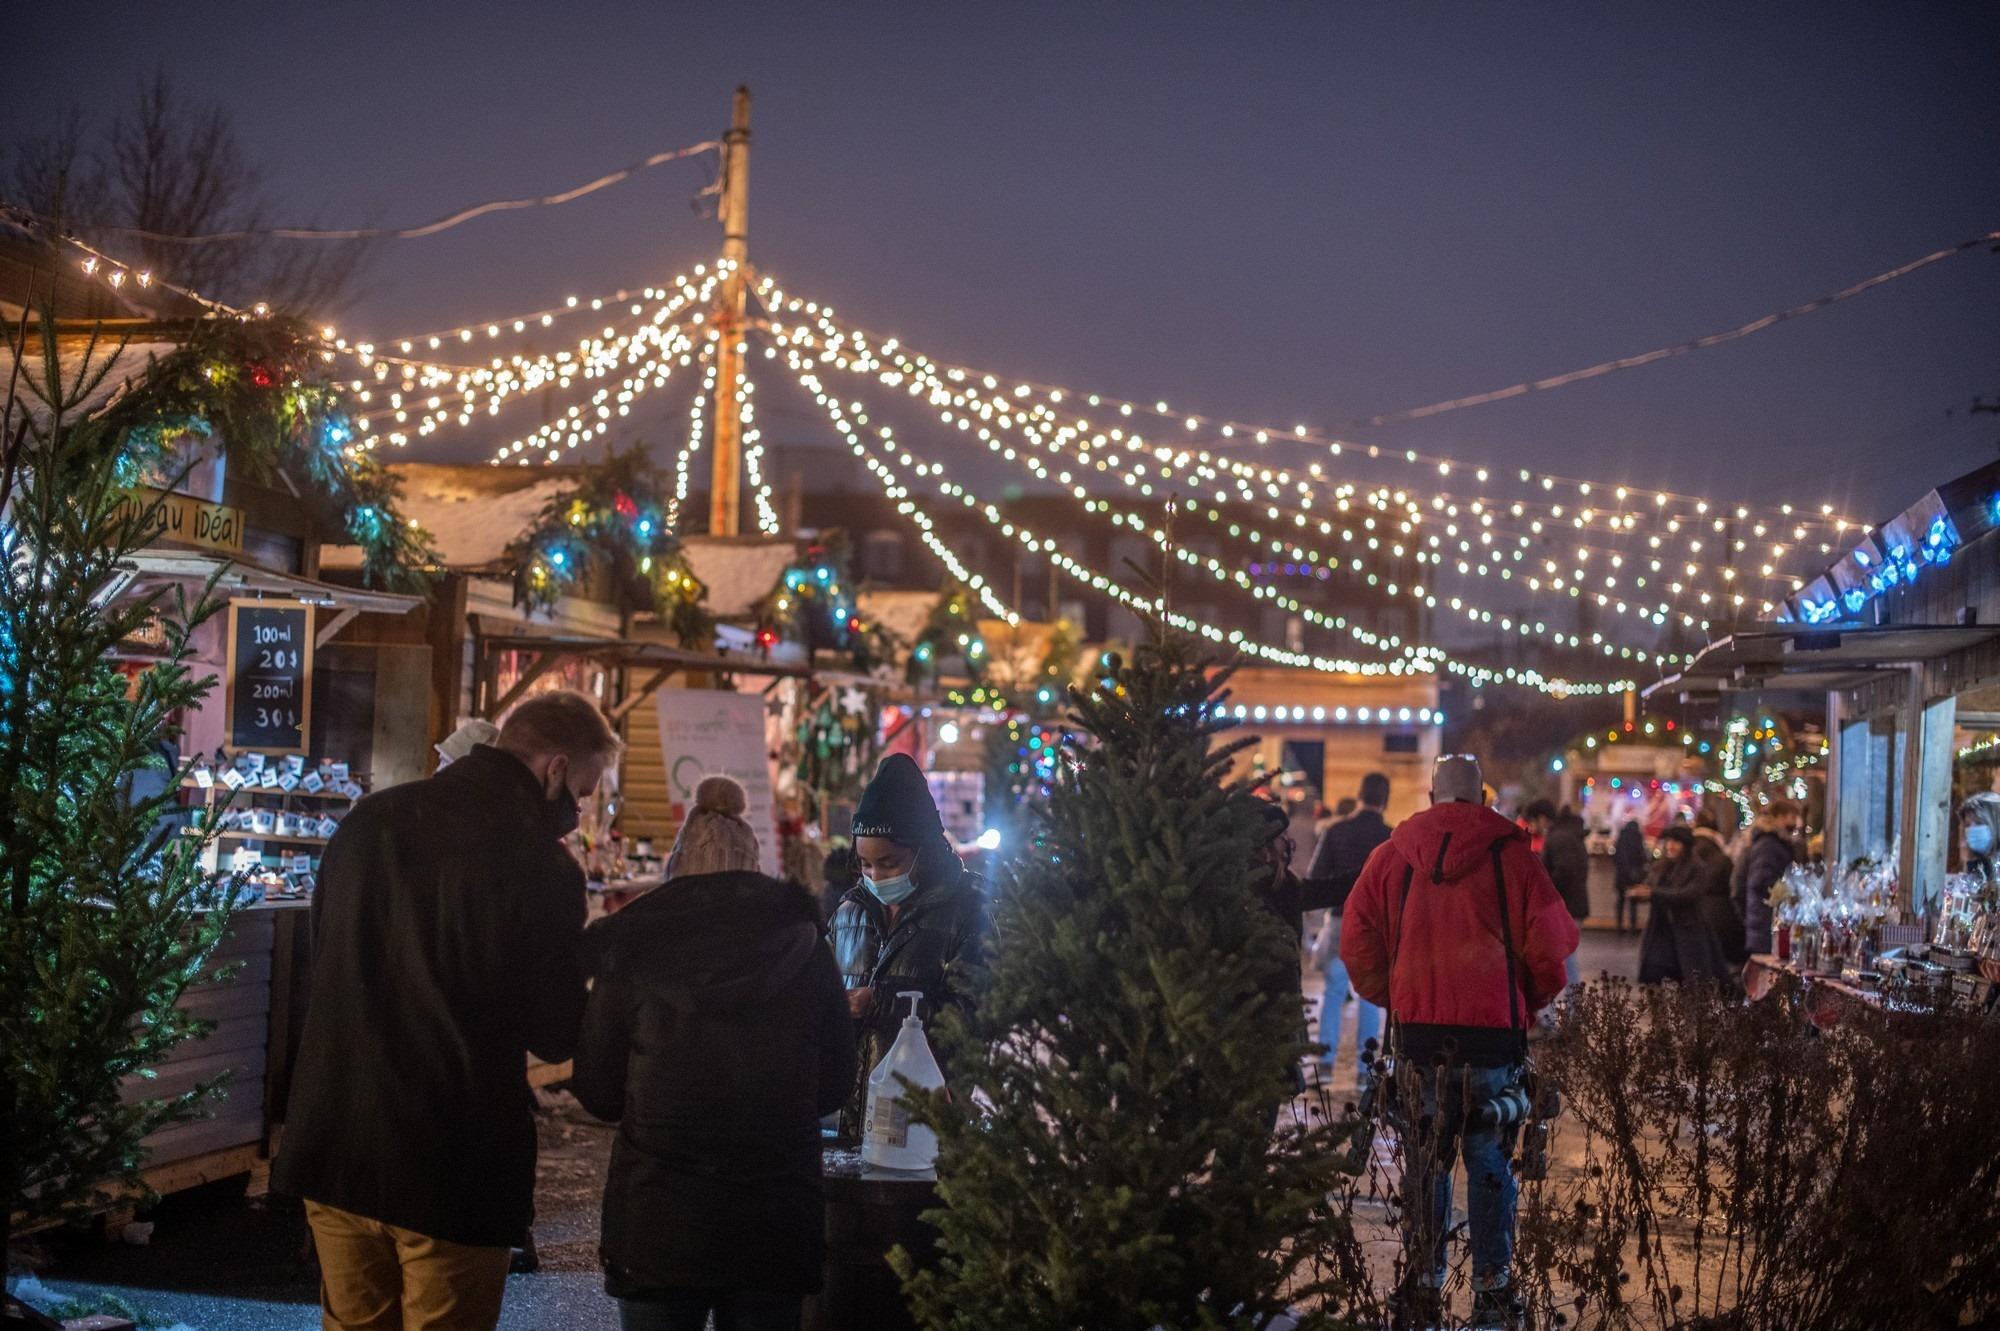 Marché Atwater Christmas Village / Village de Noël de Montréal